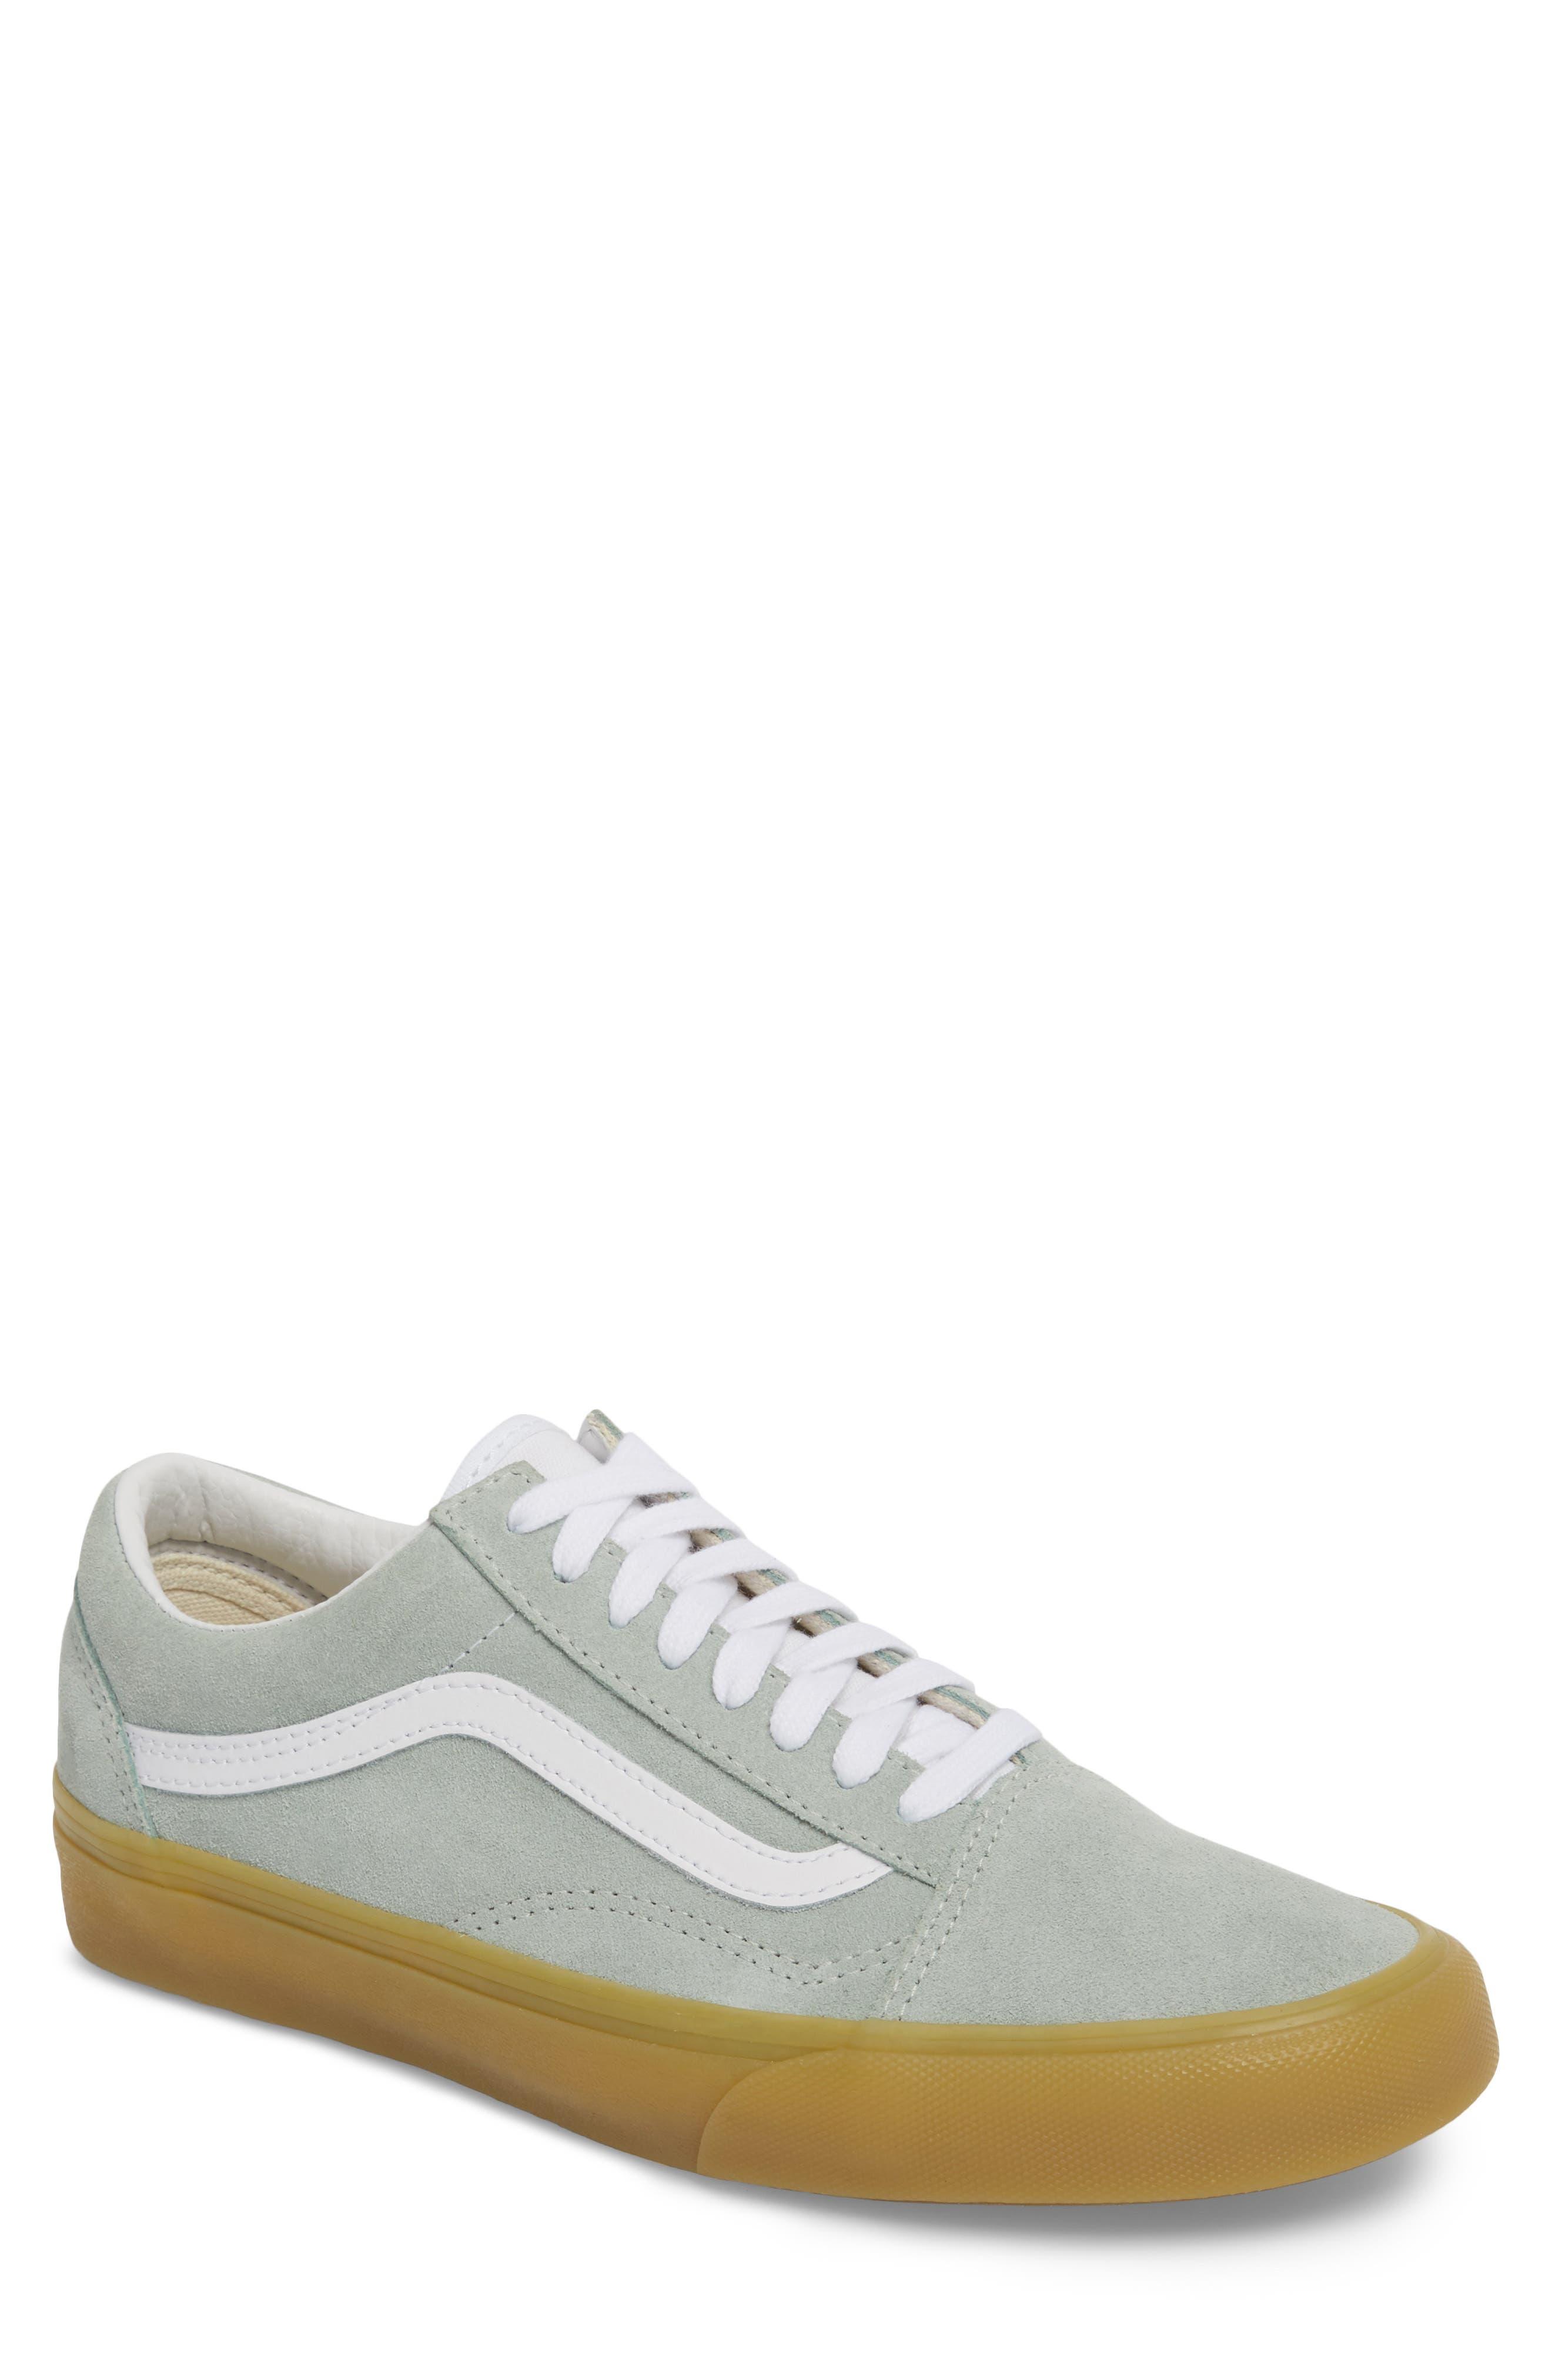 Gum Old Skool Sneaker,                         Main,                         color, Metal Leather